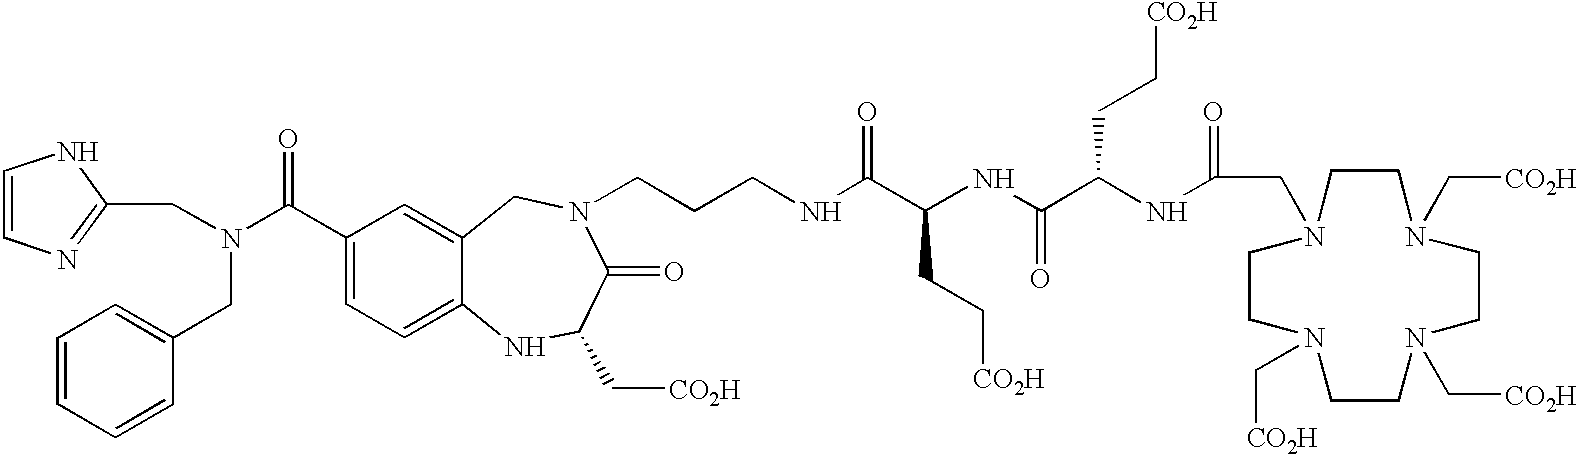 Figure US06558649-20030506-C00063